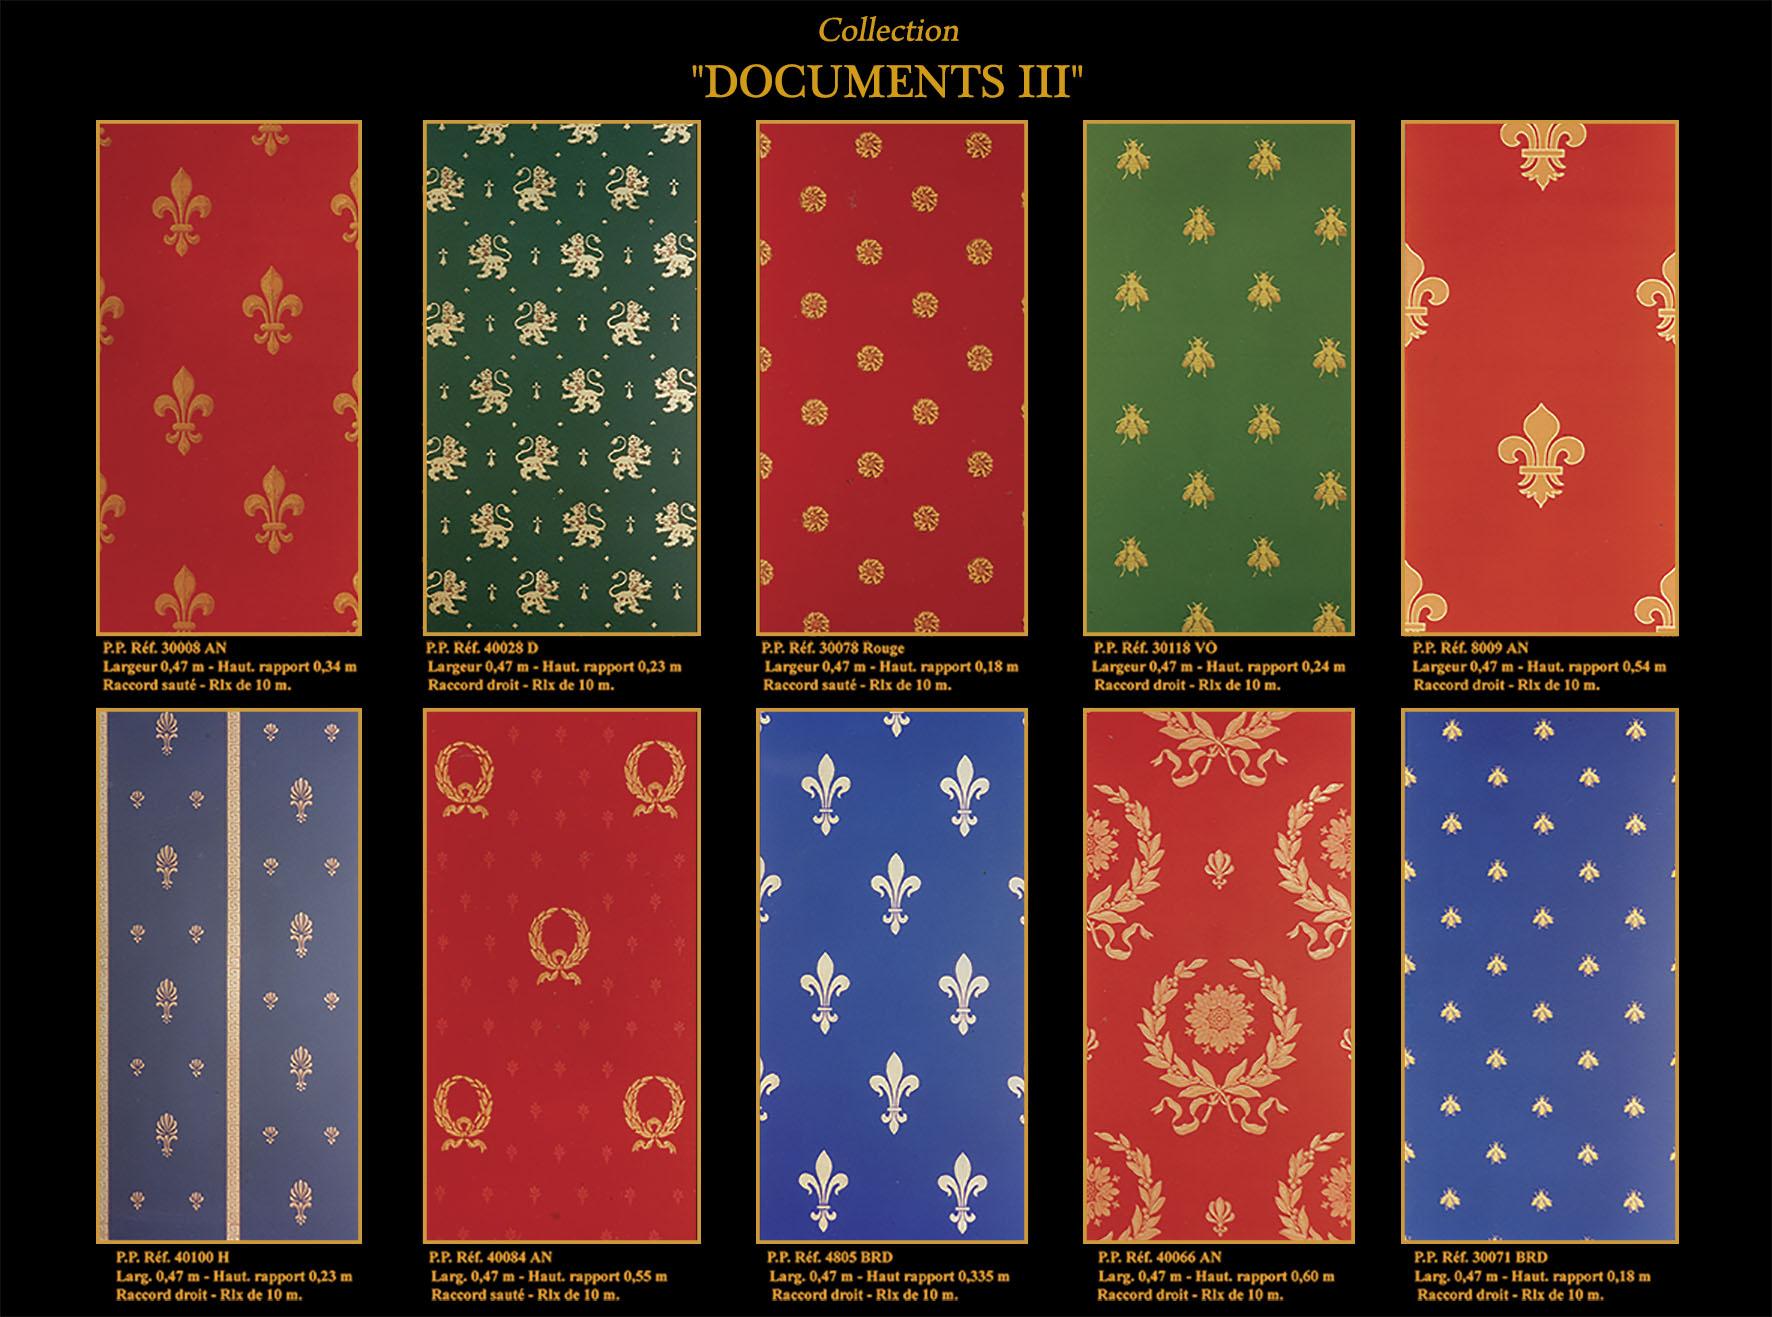 Documents III